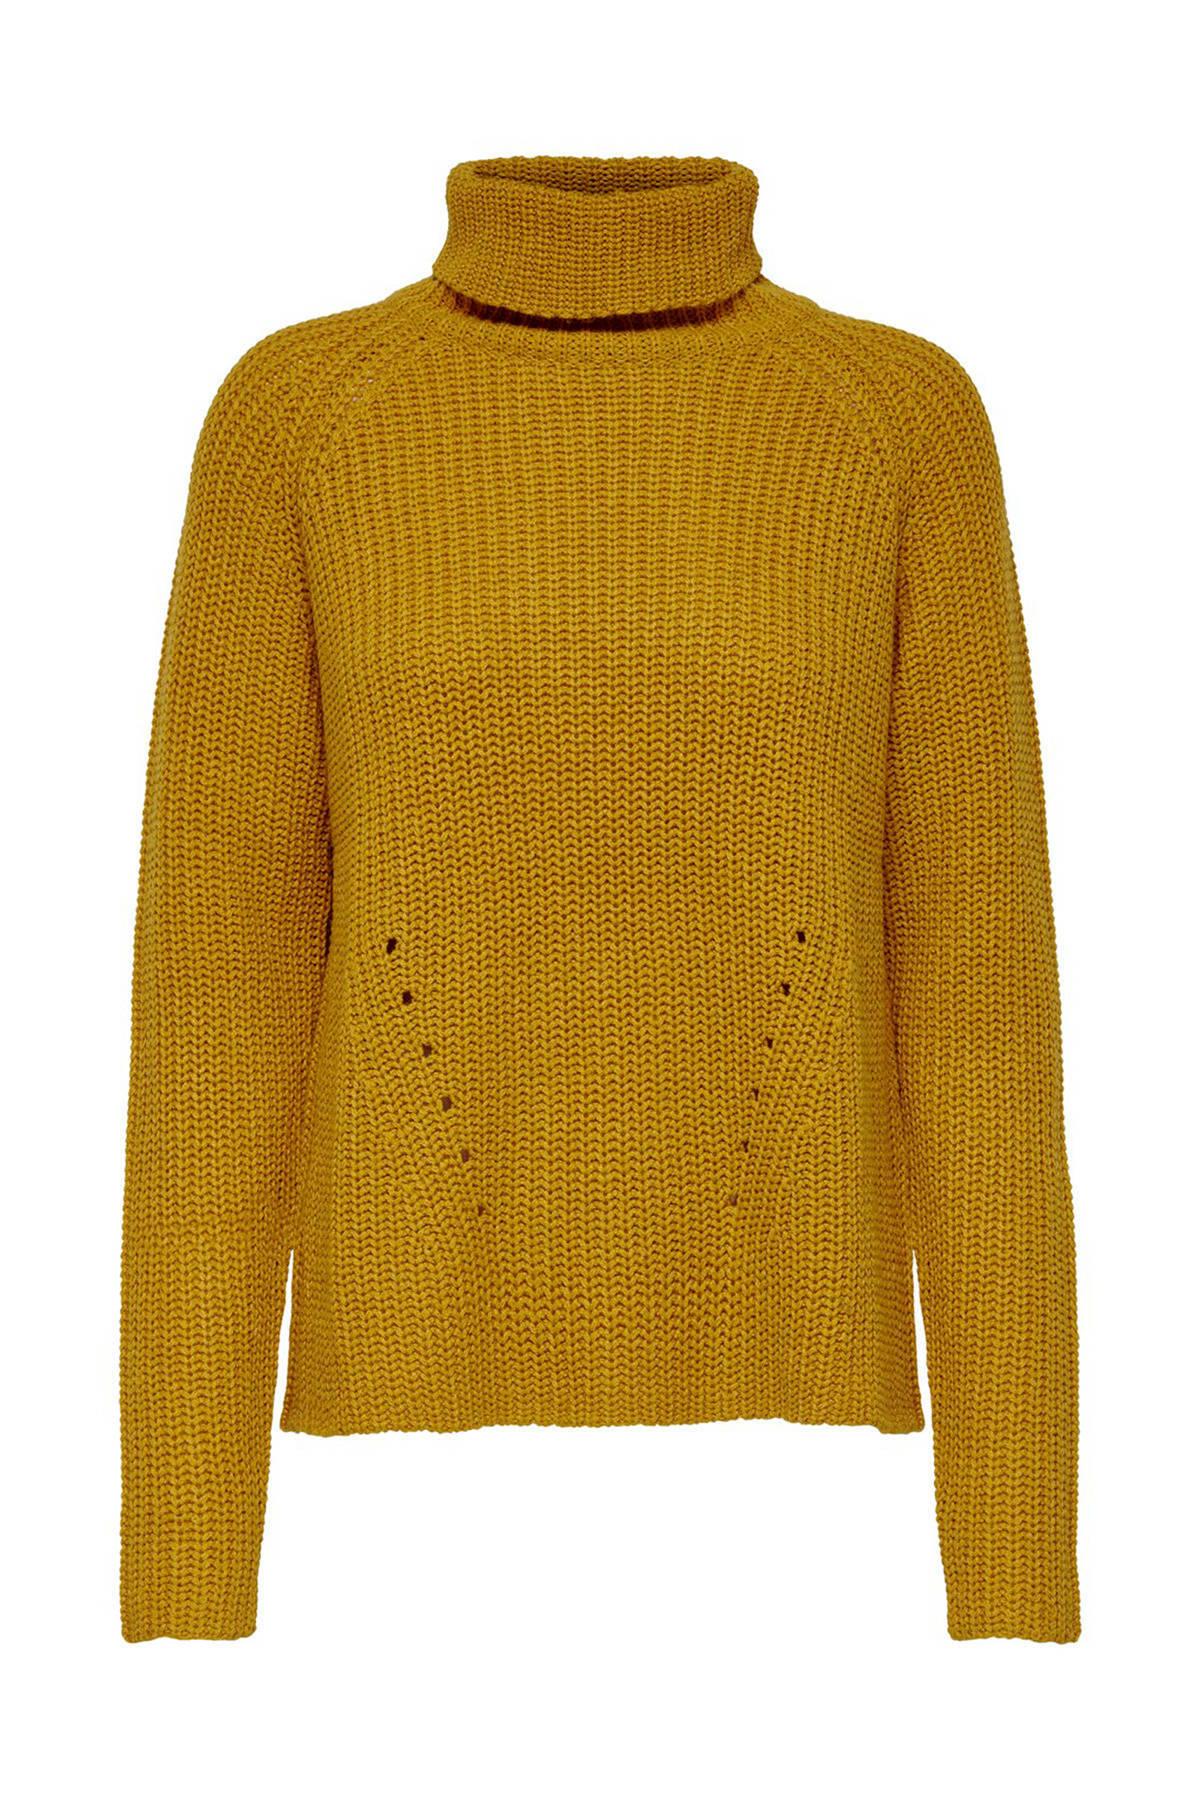 JACQUELINE DE YONG trui geel   wehkamp